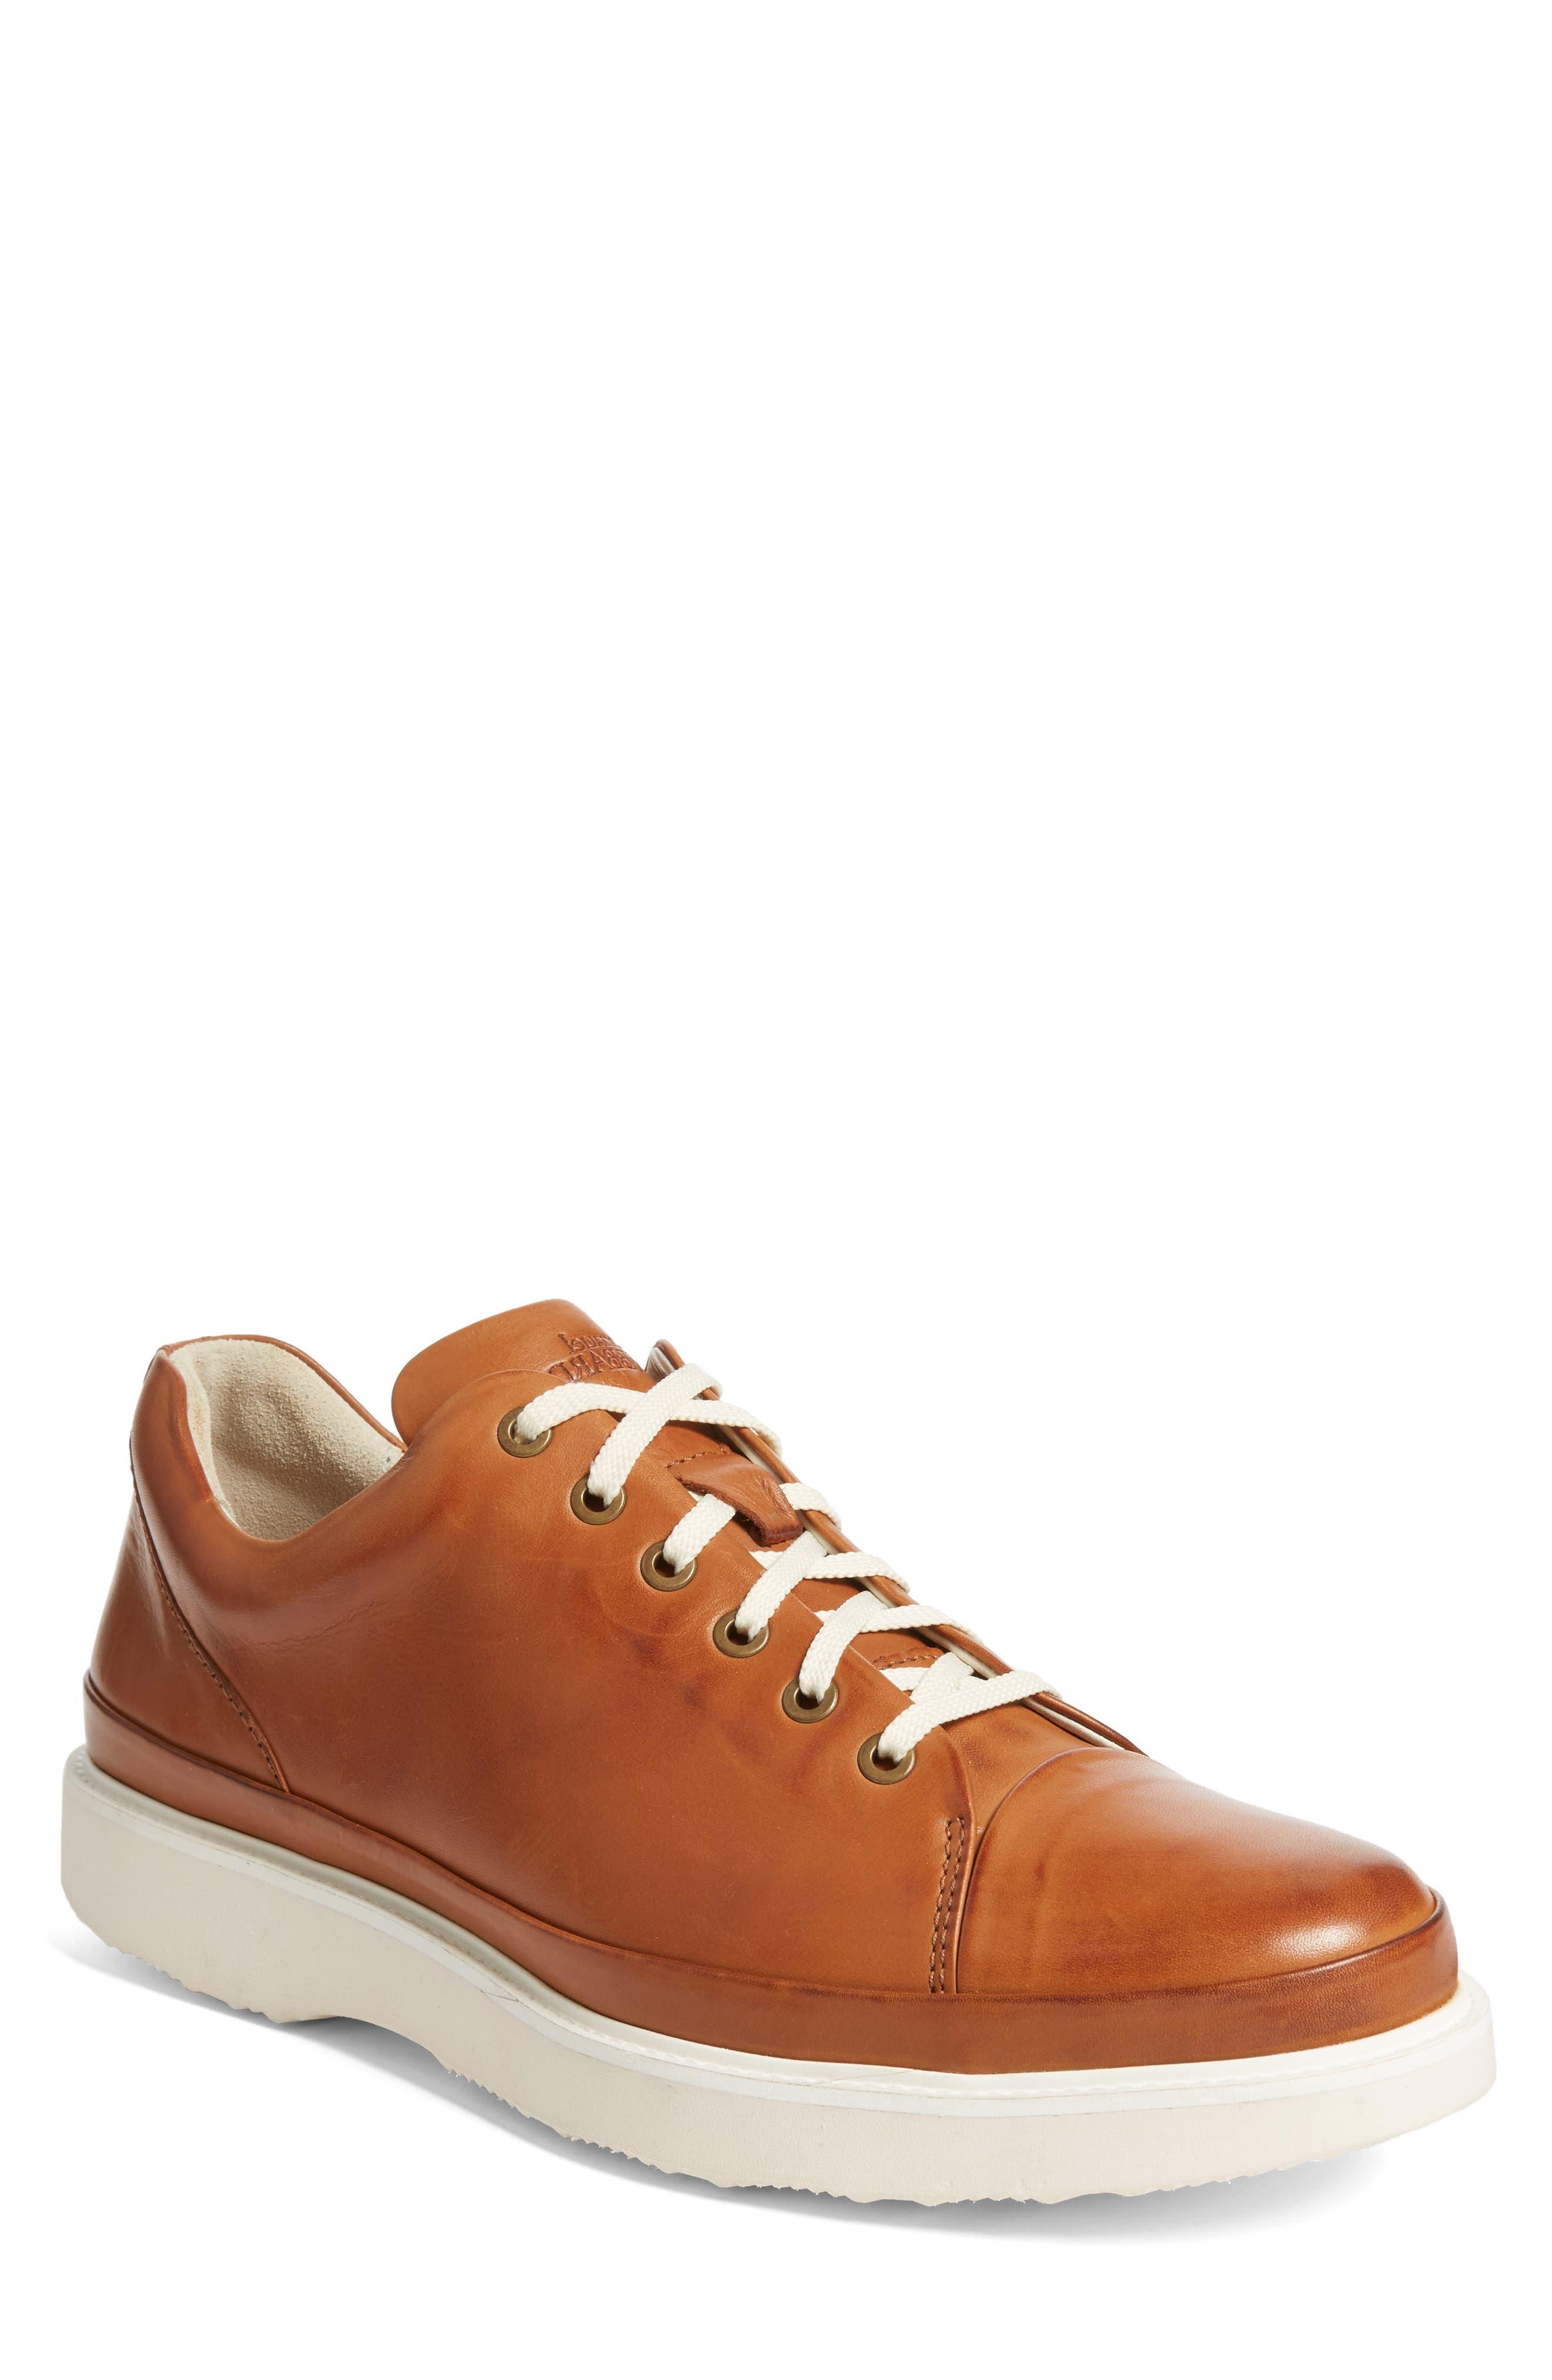 Men's Samuel Hubbard Sneaker, Size 7 W - Brown